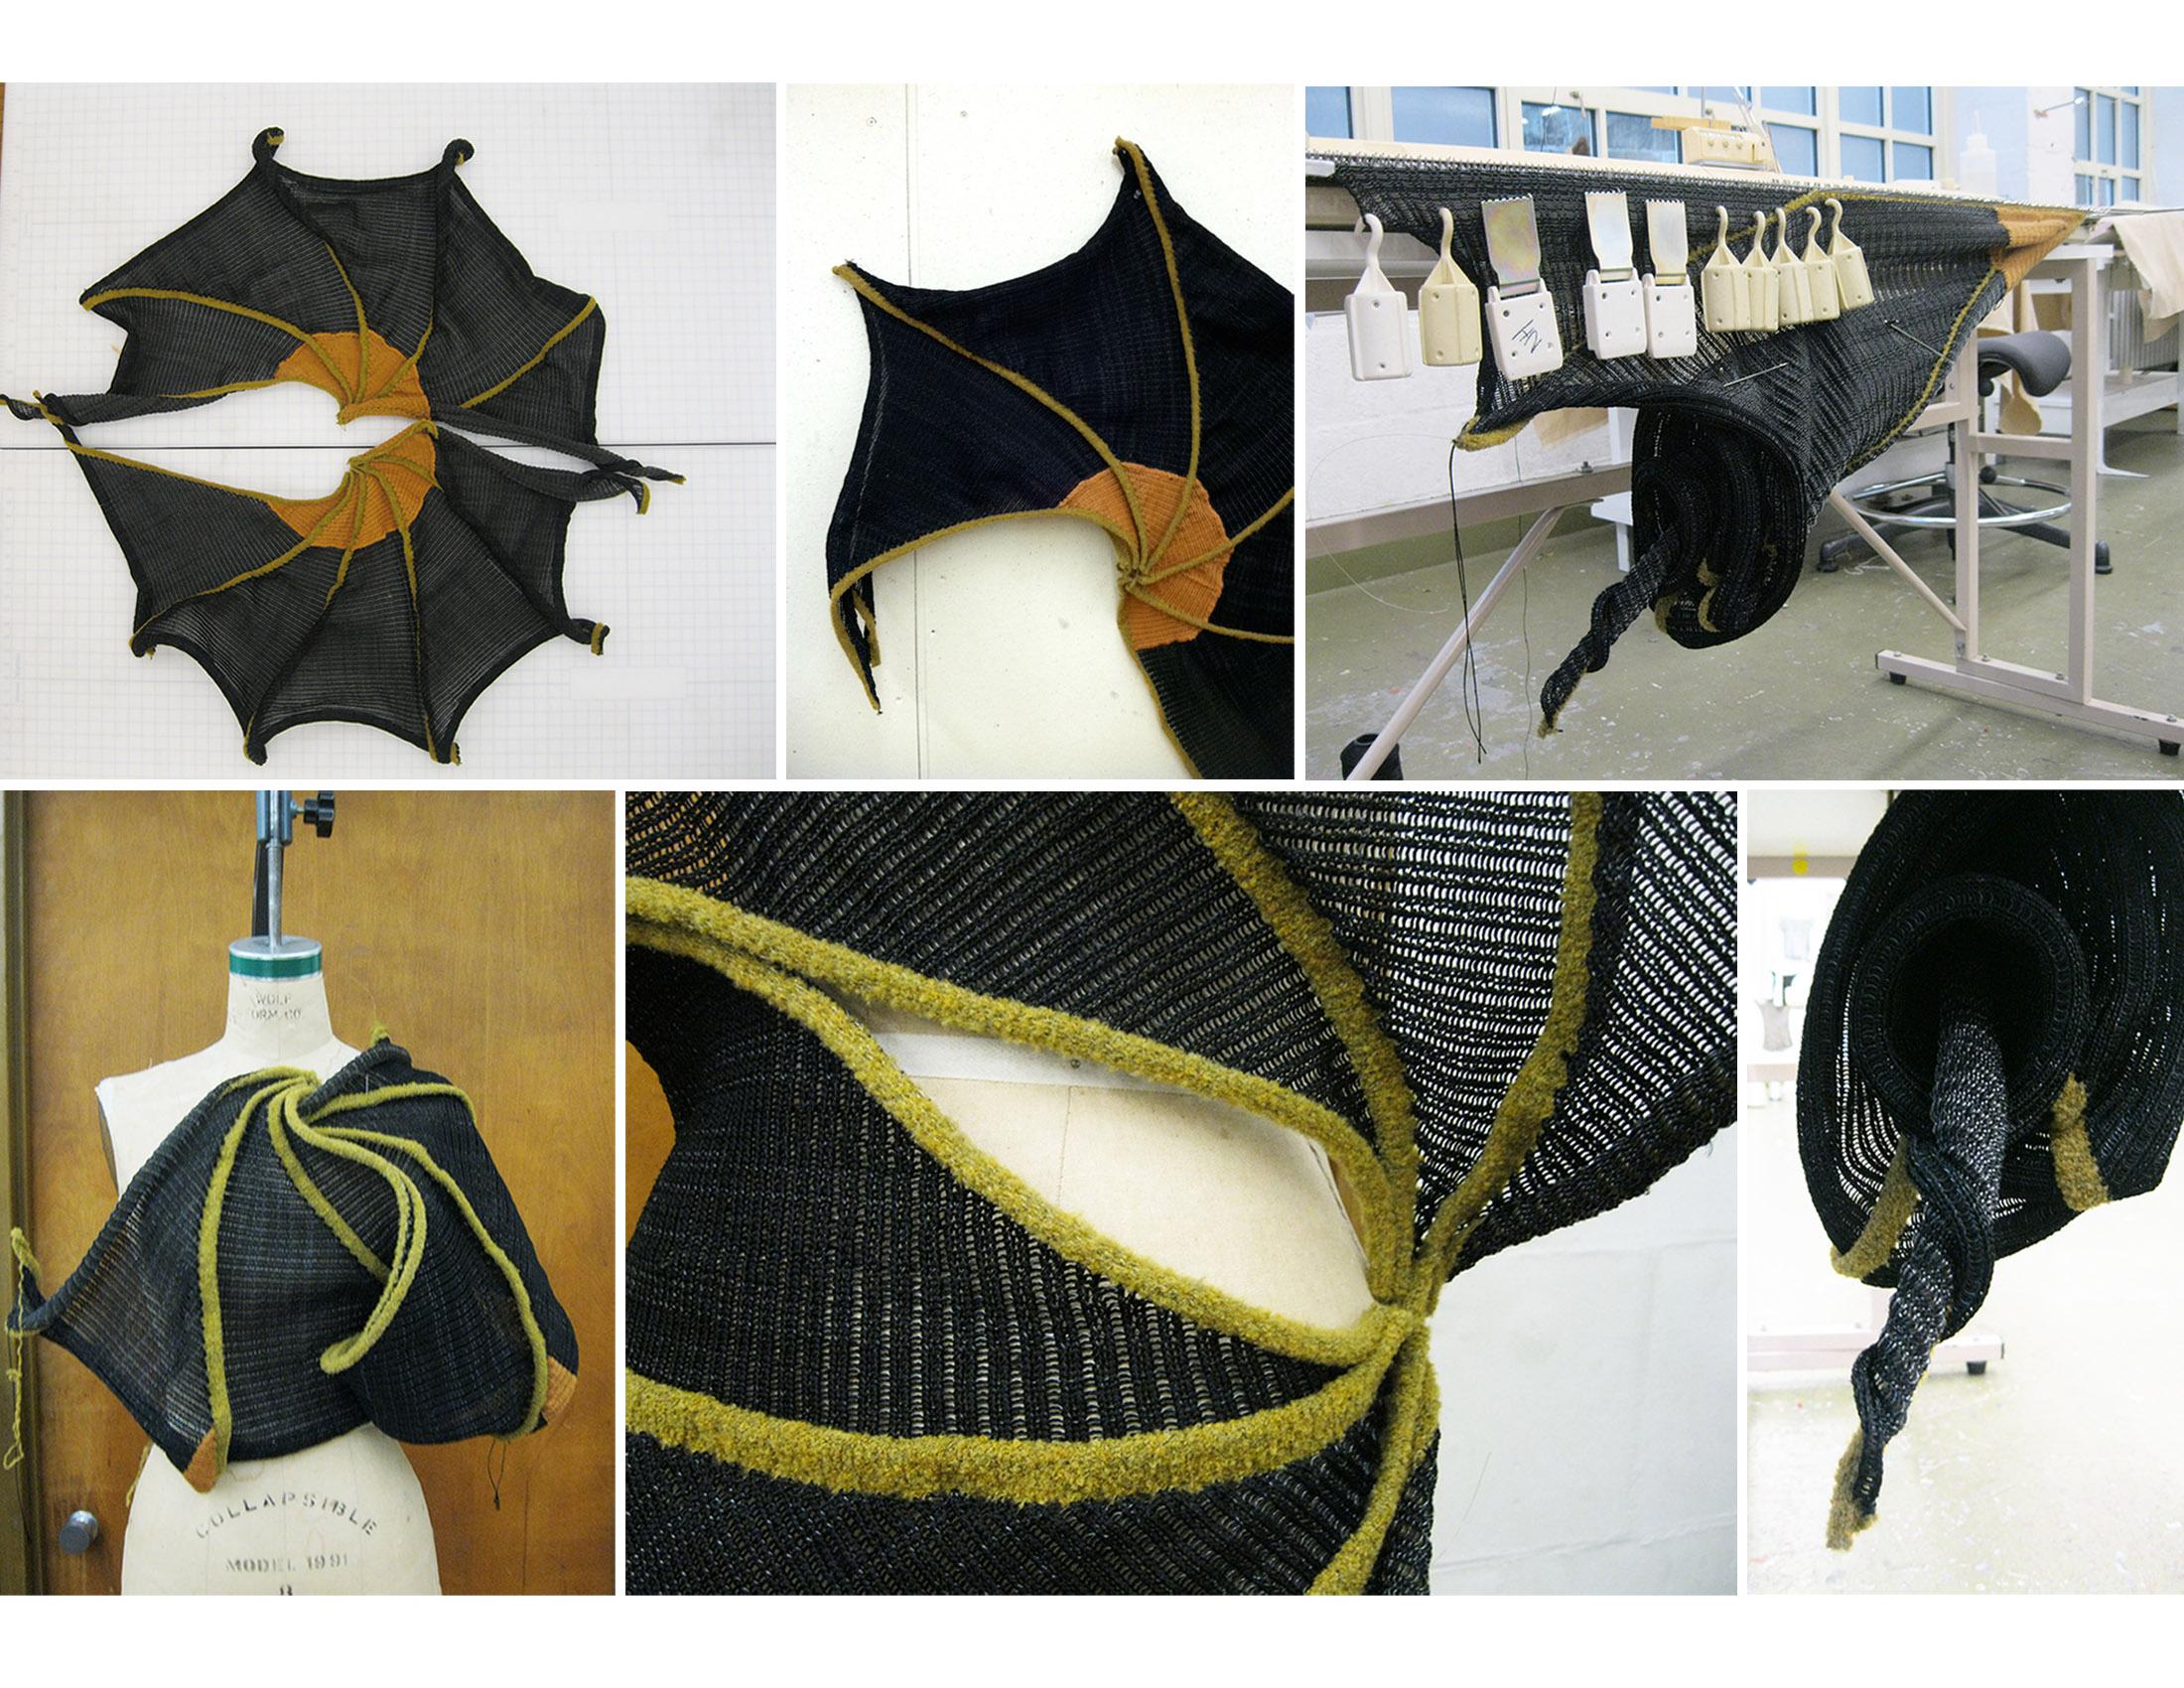 01_HKS_Knitwear_Progress_Drapes.jpg